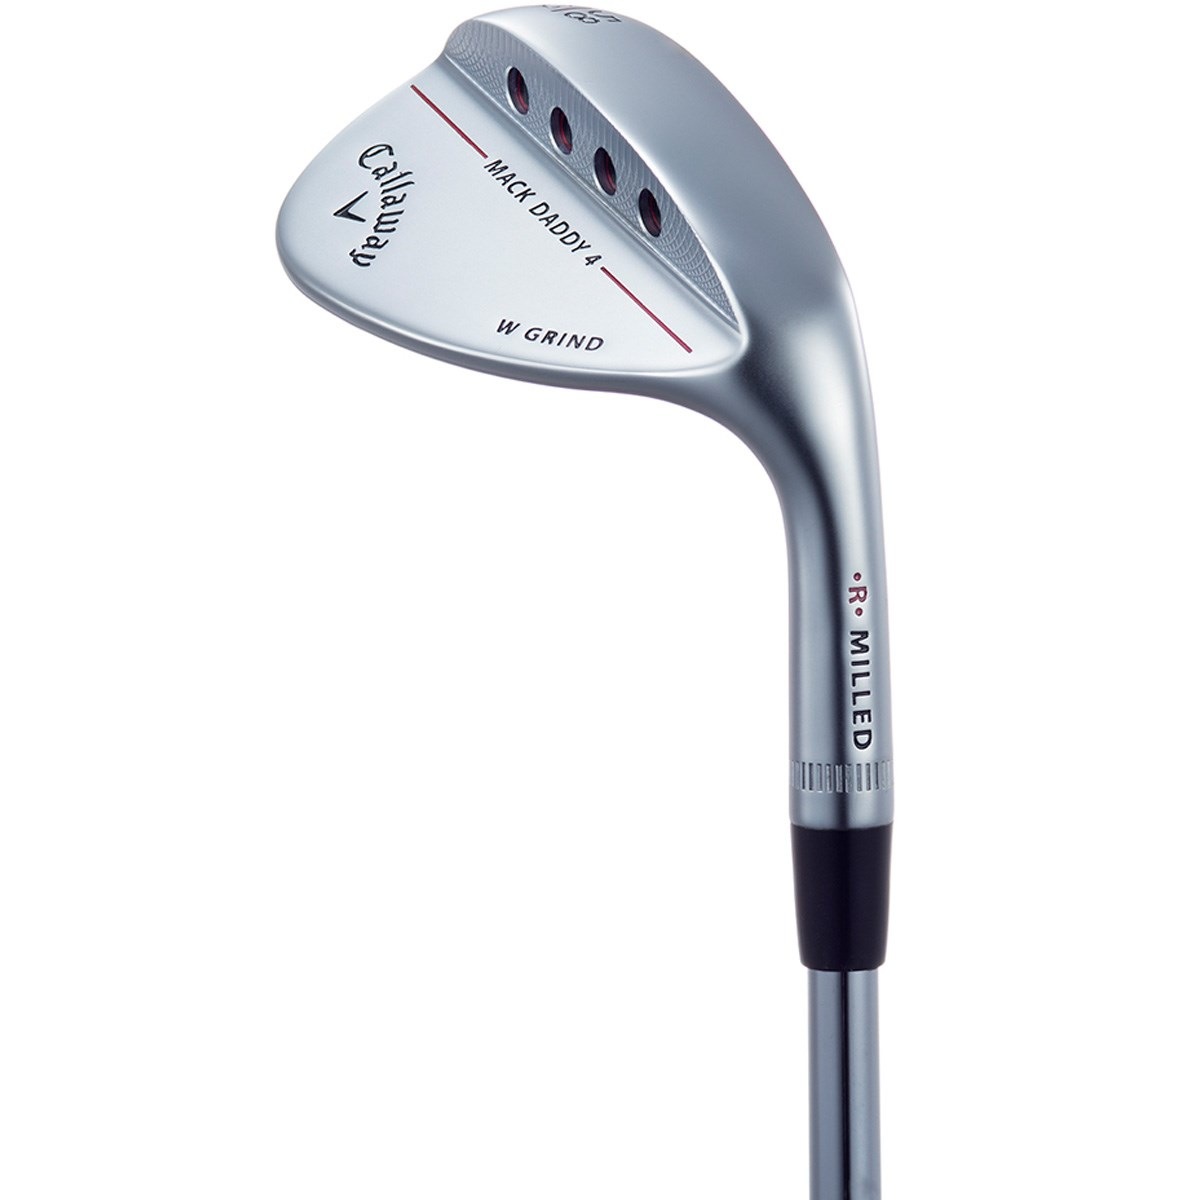 キャロウェイゴルフ(Callaway Golf) マックダディ 4 CRM ウェッジ N.S.PRO 950GH